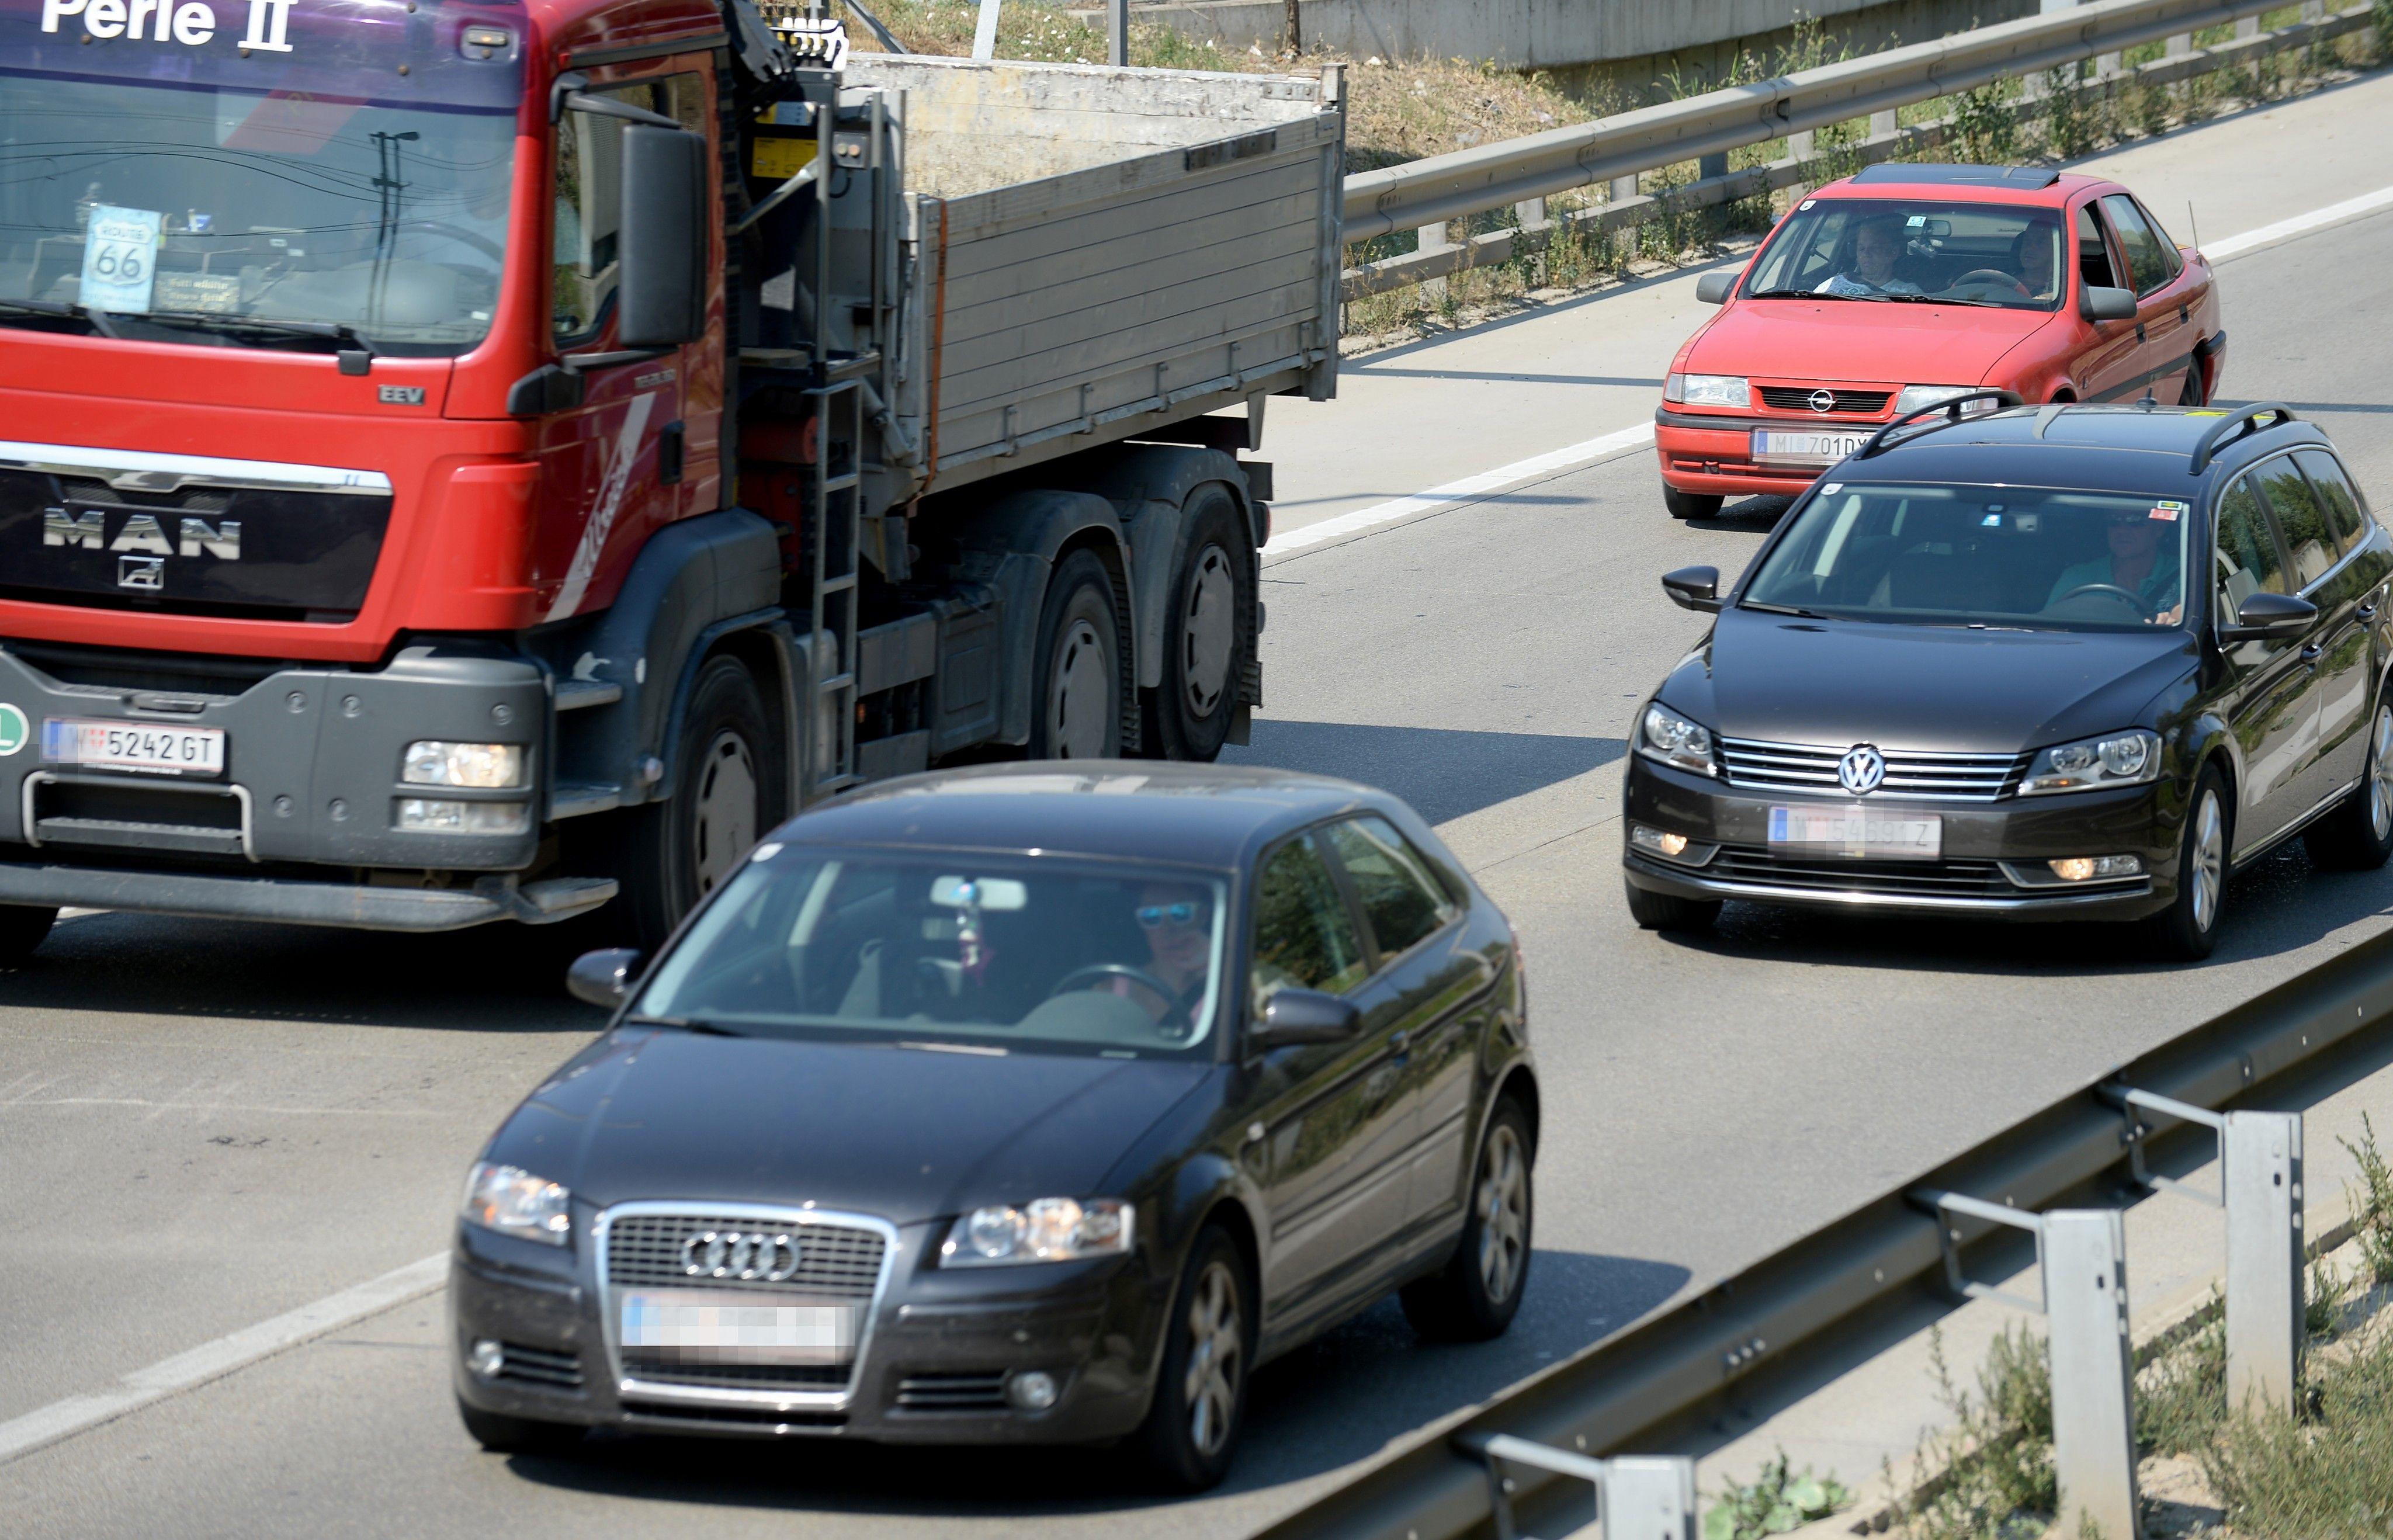 Wiener Außenringautobahn: Verkehrsbehinderungen nach Lkw-Unfall